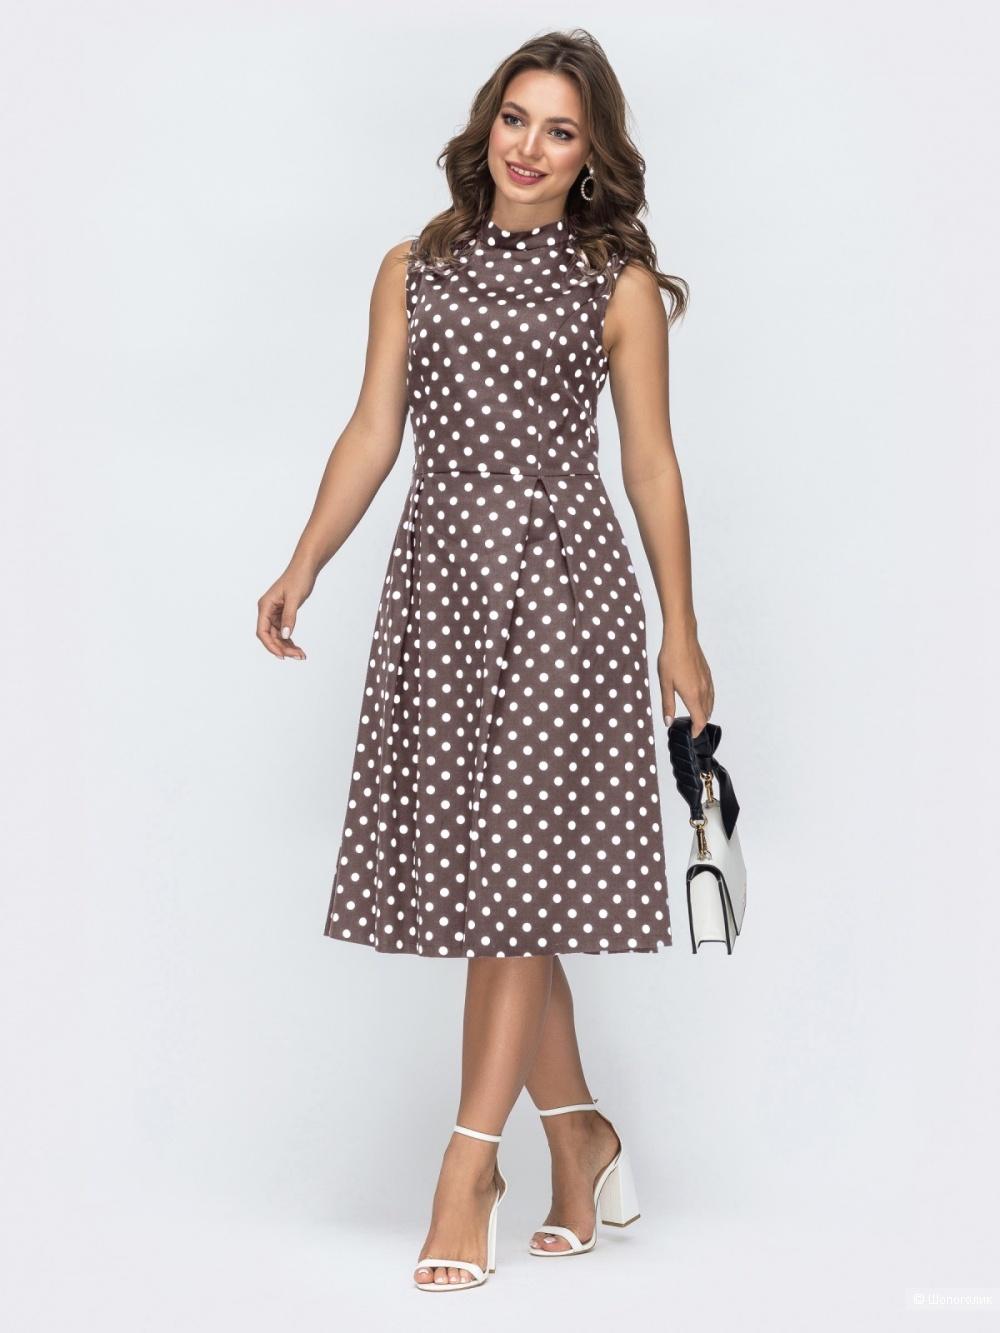 Платье Dressa, р. 46-48